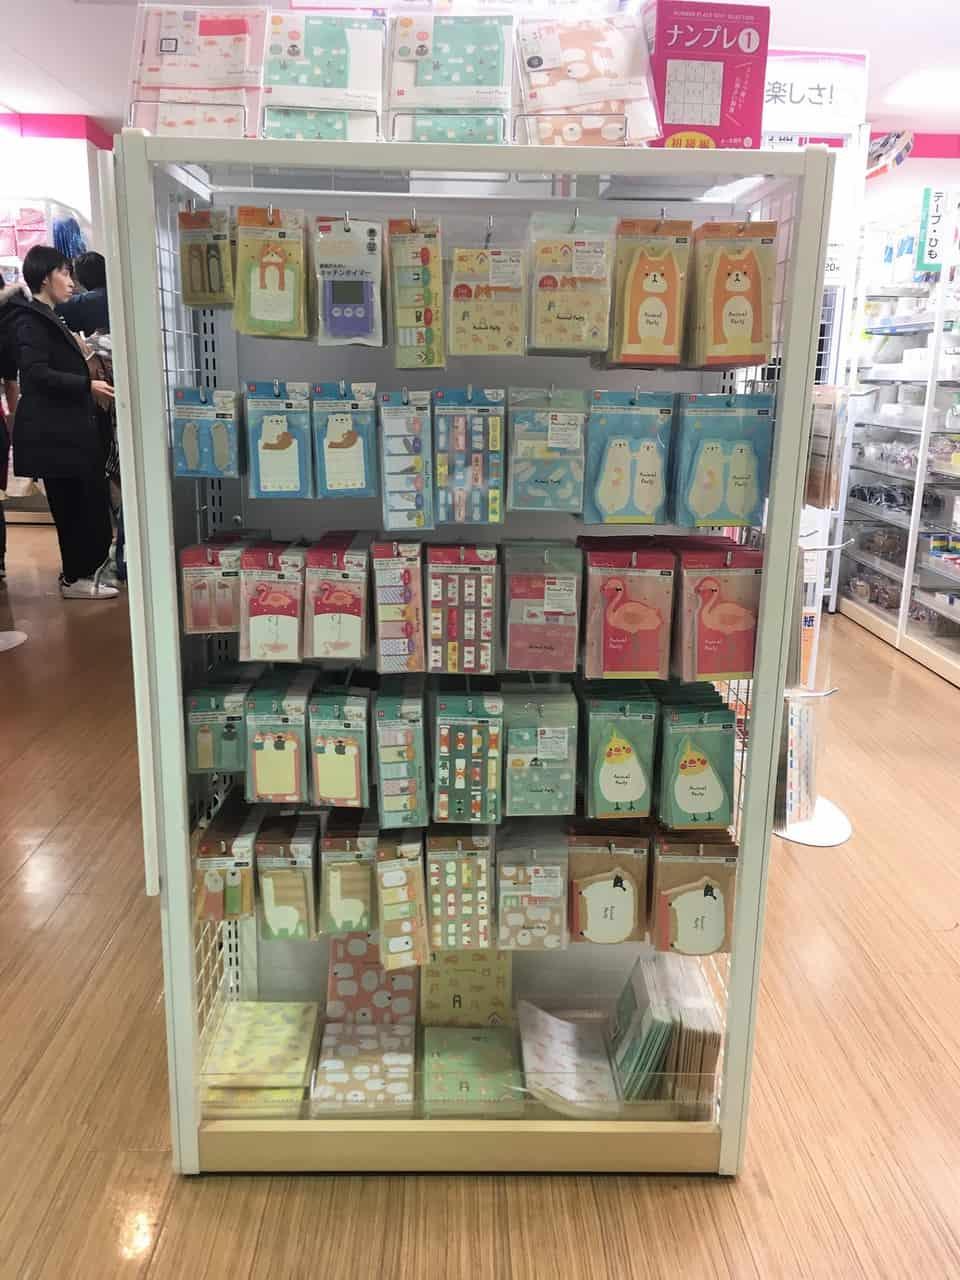 Papeterie au Japon, stationery, Tokyo, papier washi, 100 yen shop